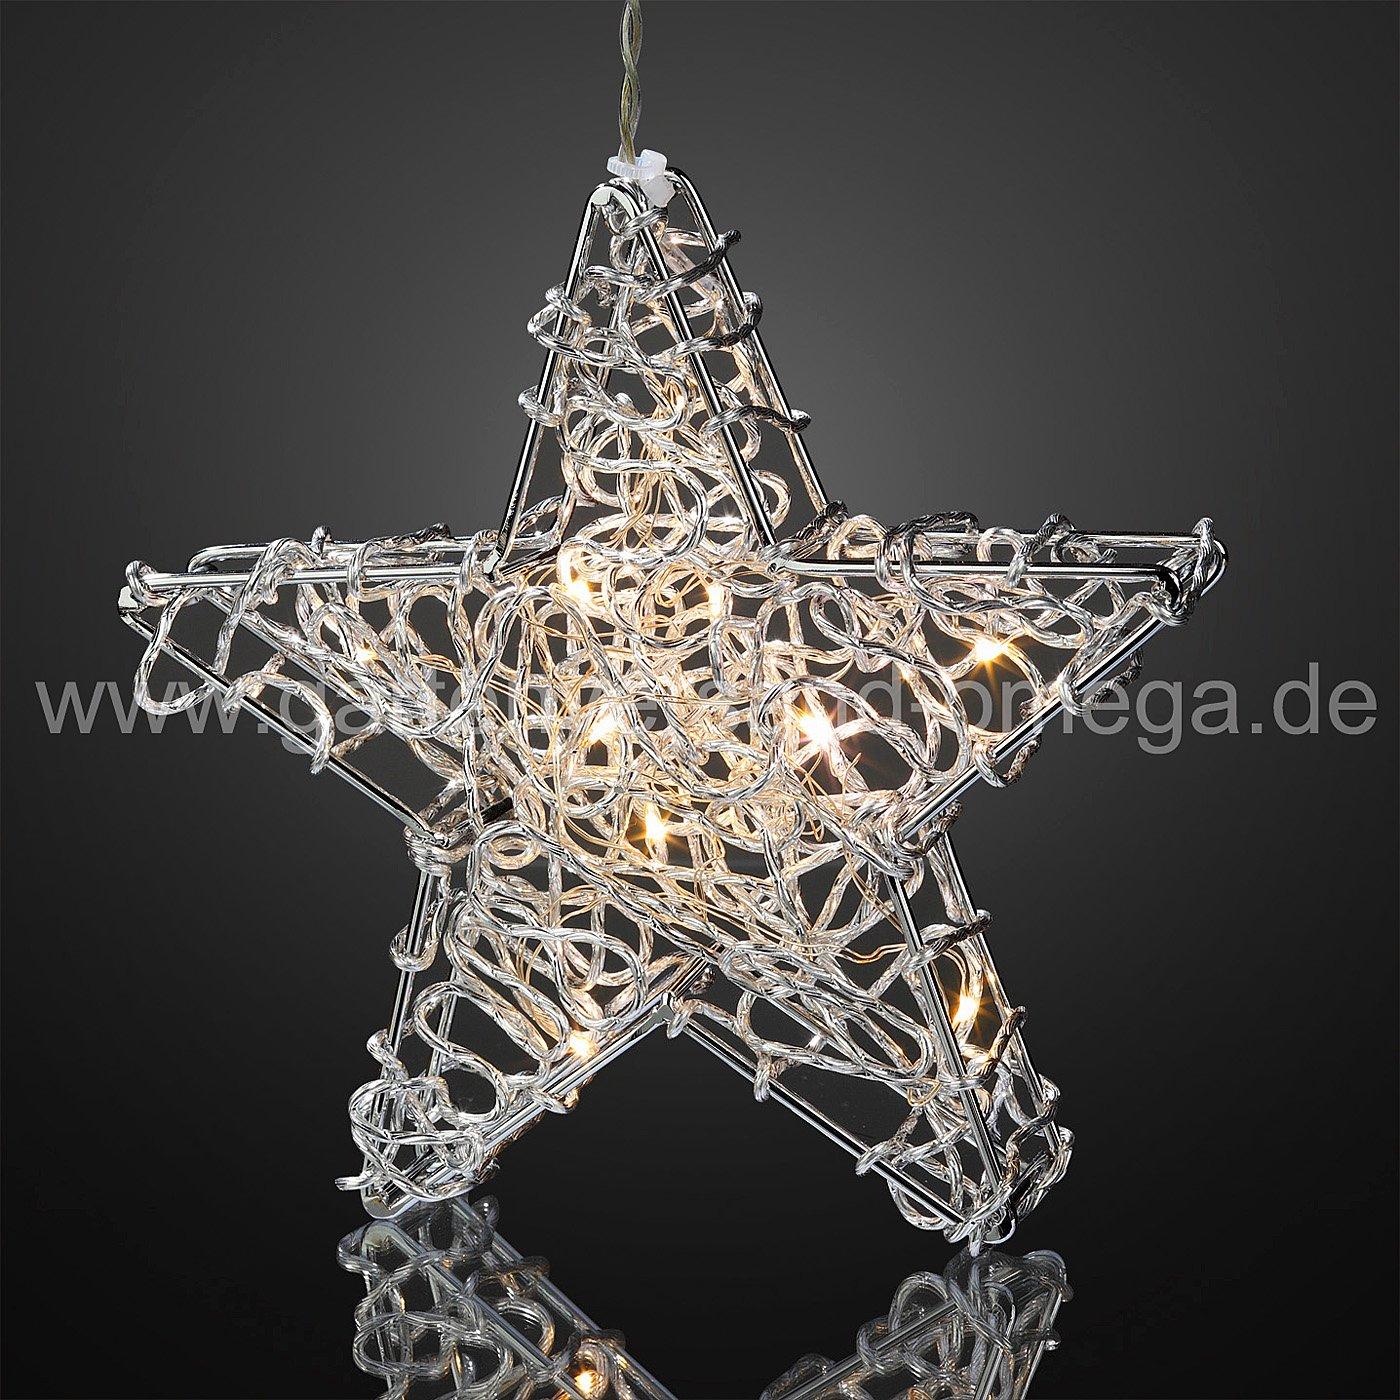 silberner led stern drahtstern beleuchtete weihnachtsdekoration weihnachtsinnenbeleuchtung. Black Bedroom Furniture Sets. Home Design Ideas